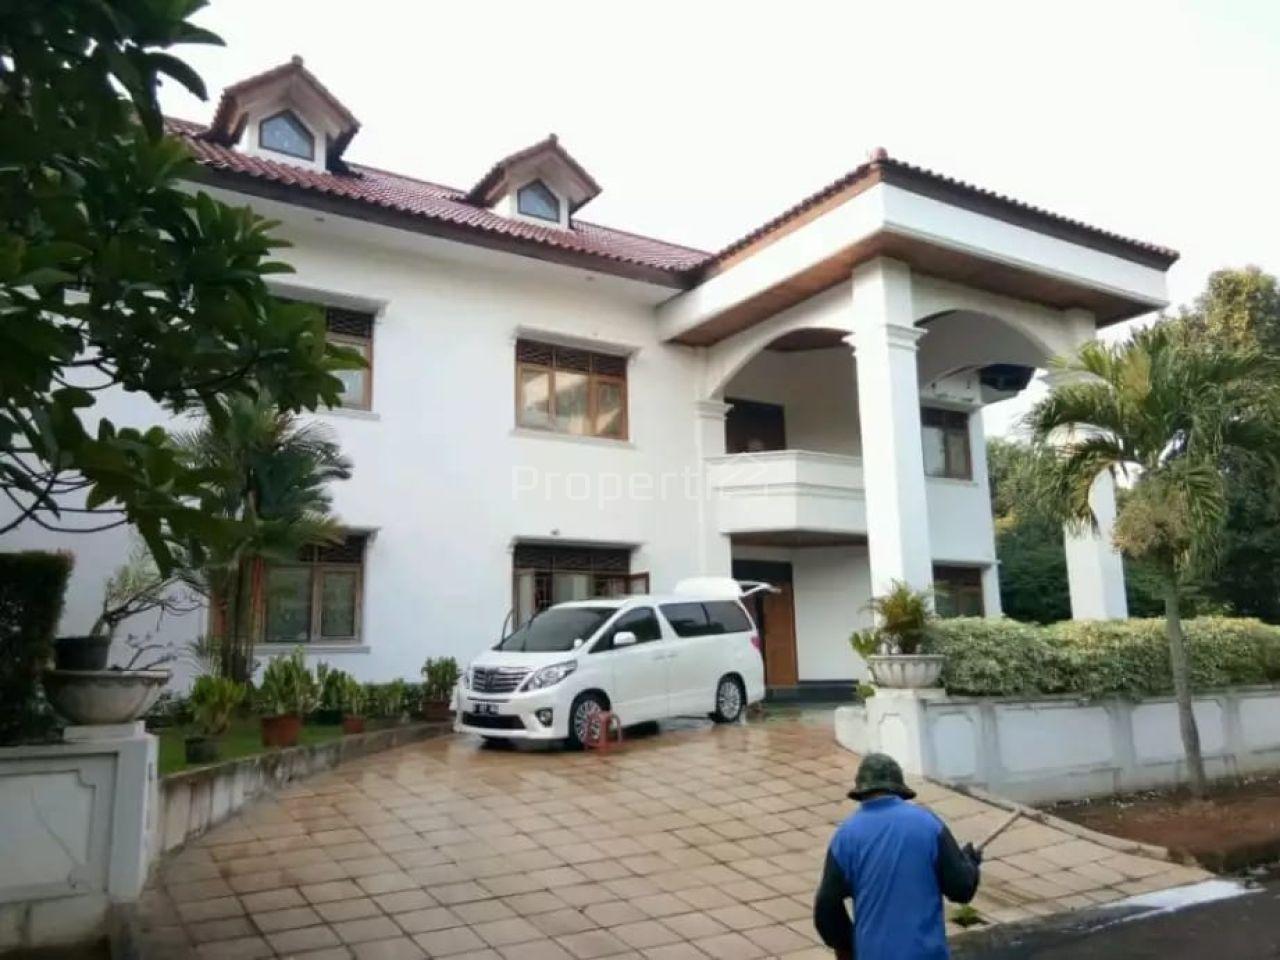 Rumah Istimewa di Lebak Bulus, DKI Jakarta